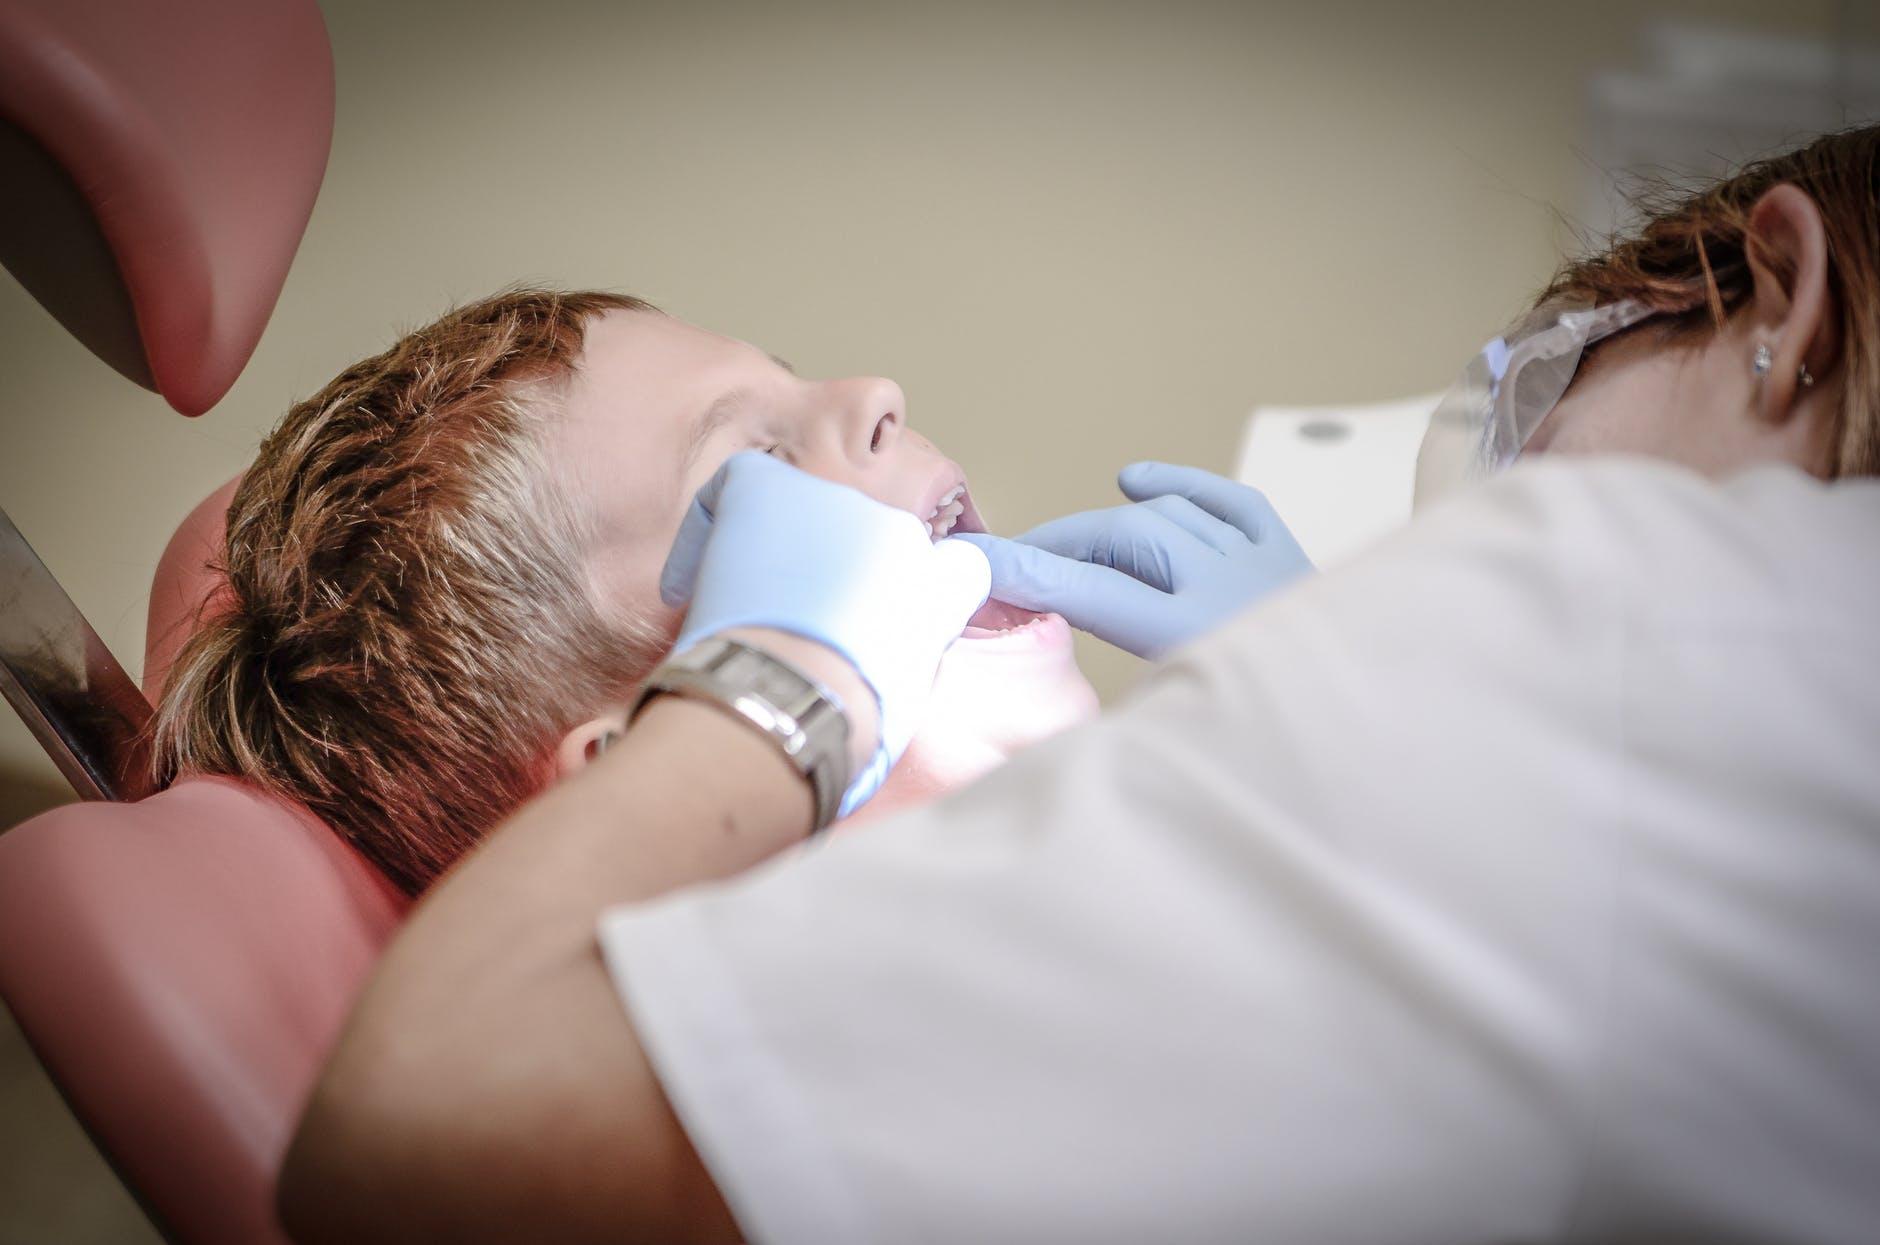 Stomatologul trage semnalul de alarma! Mare atentie la dinti: Este important ca parintii sa sesizeze...